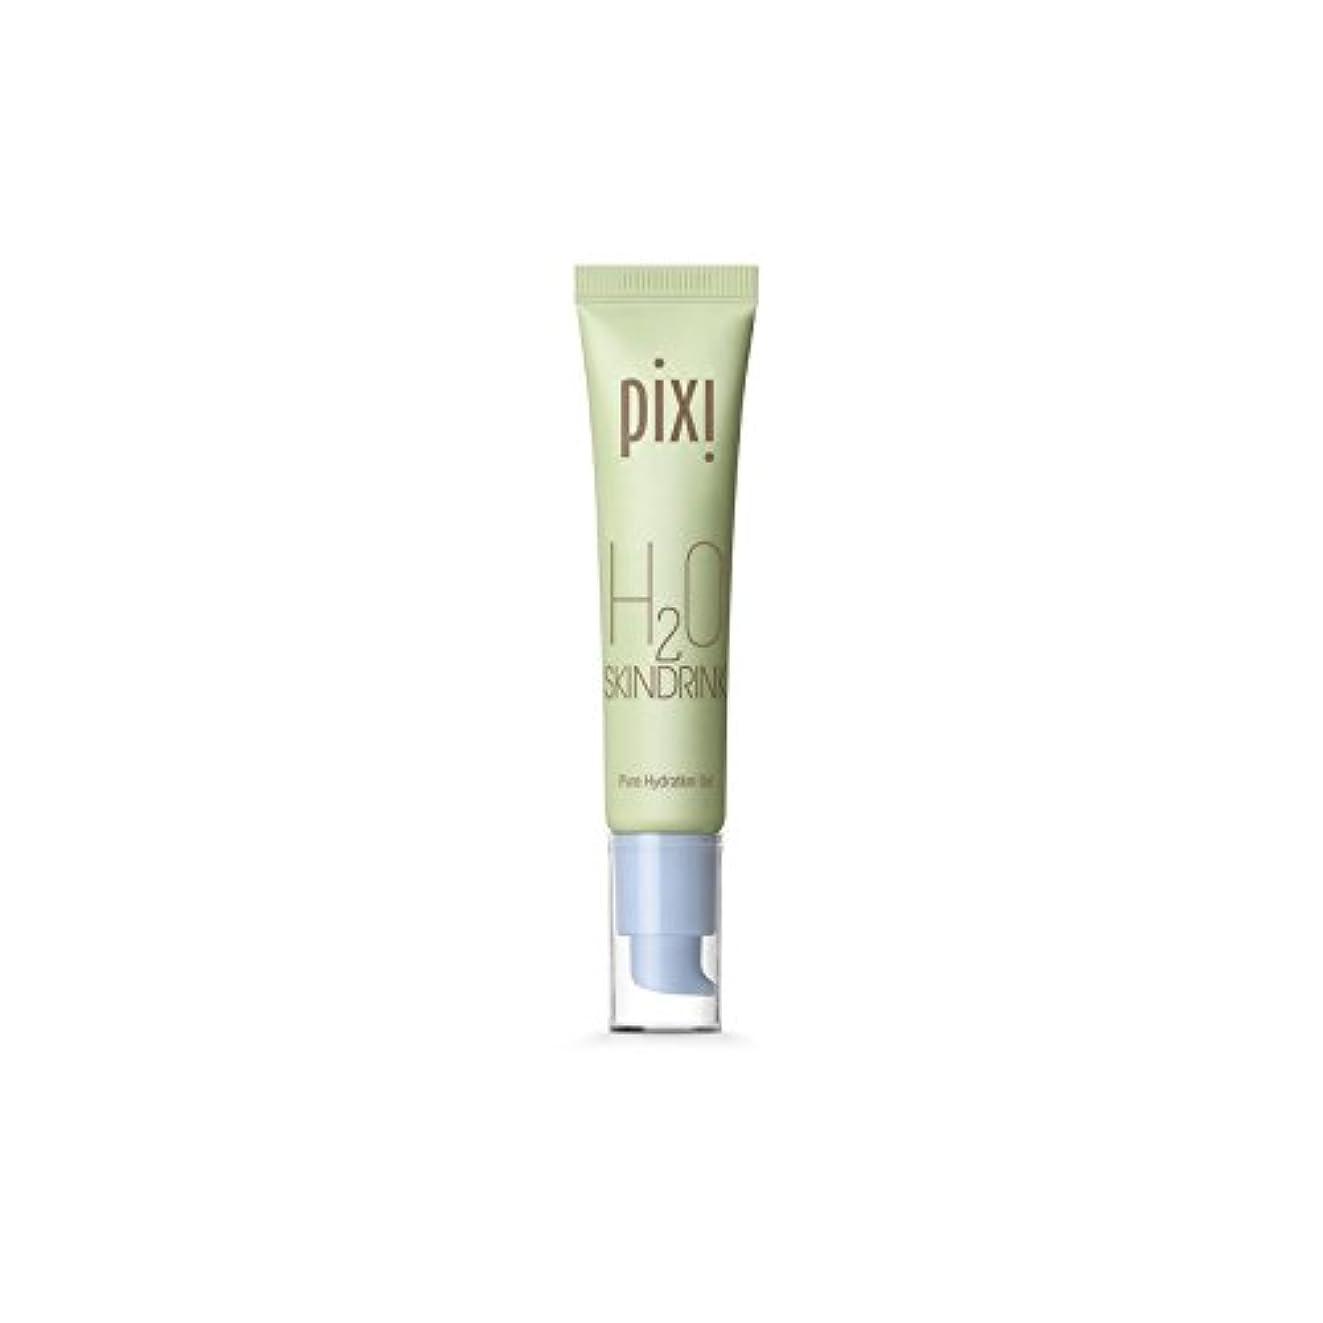 噛むラジウム太平洋諸島Pixi H20 Skin Drink (Pack of 6) - 20スキンドリンク x6 [並行輸入品]